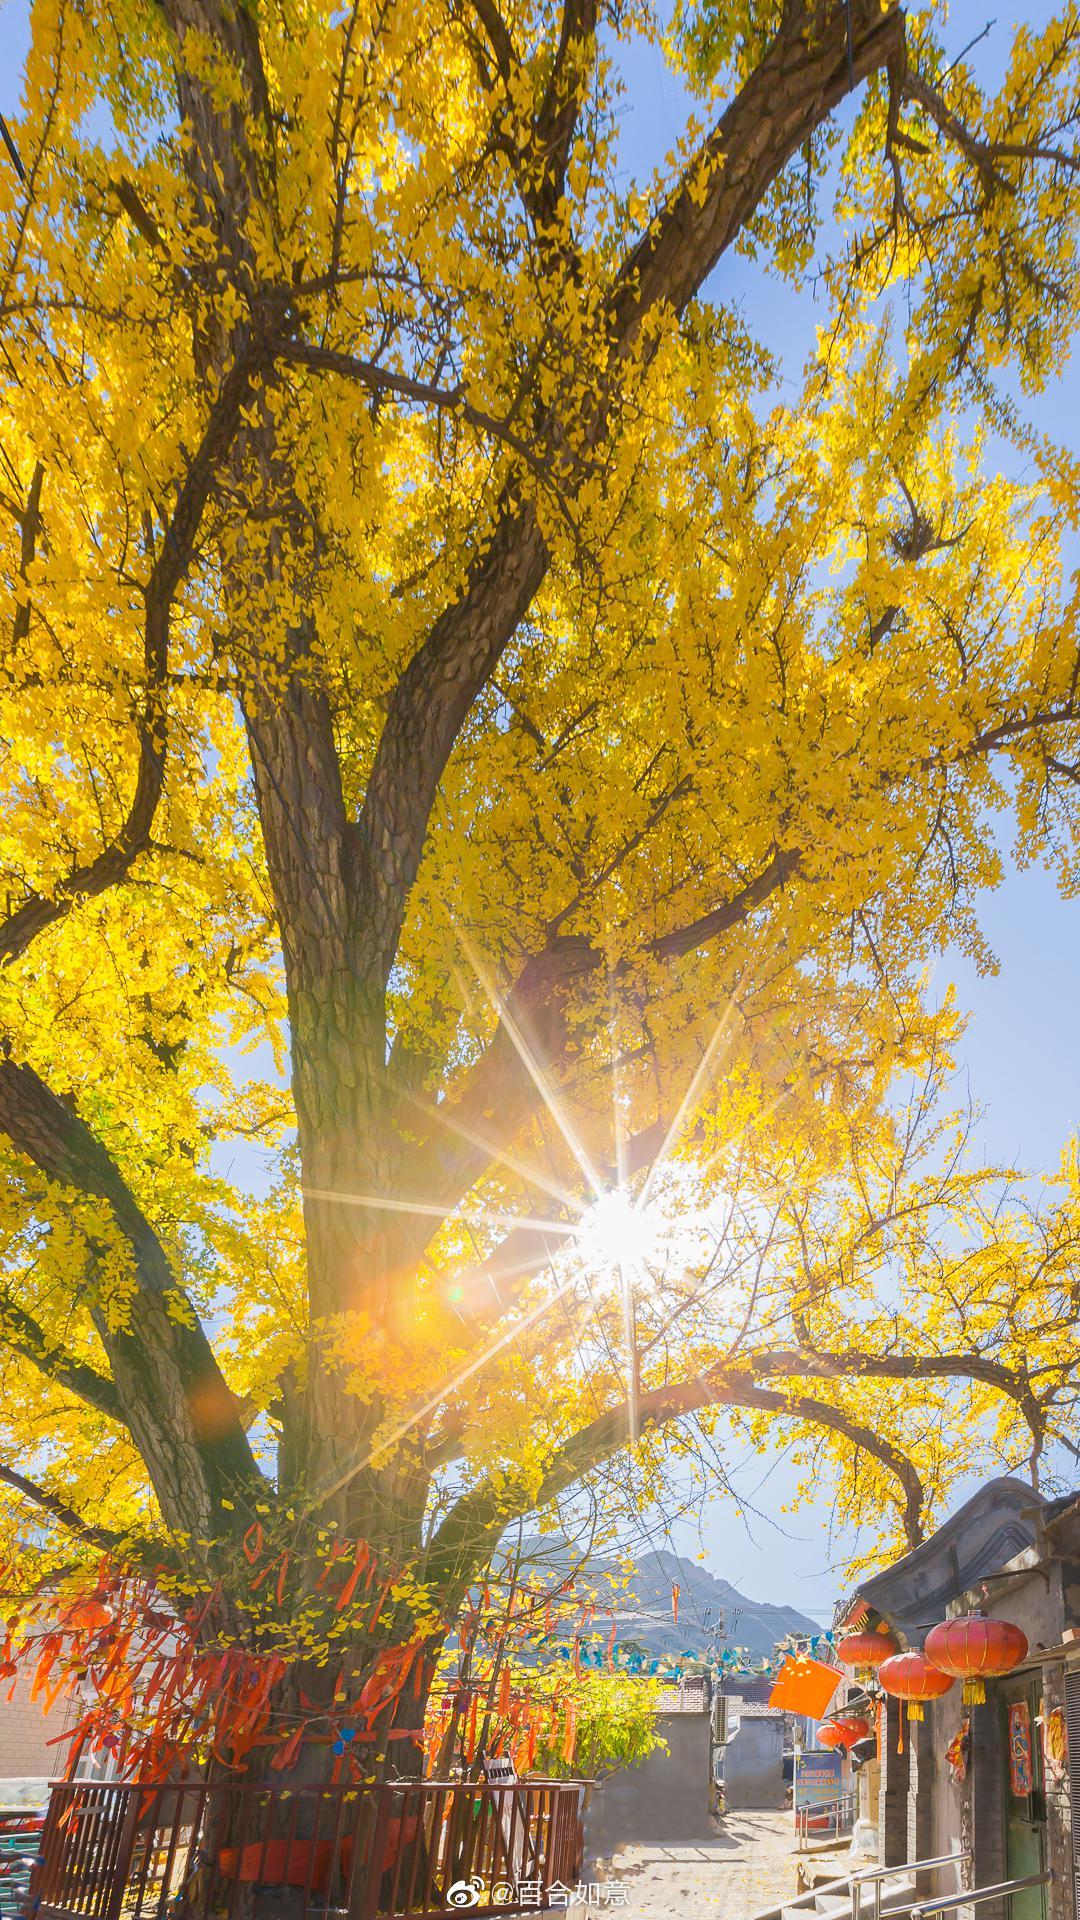 北京最美乡村康陵村,800多年古银杏树王,枝繁叶茂,硕果累累